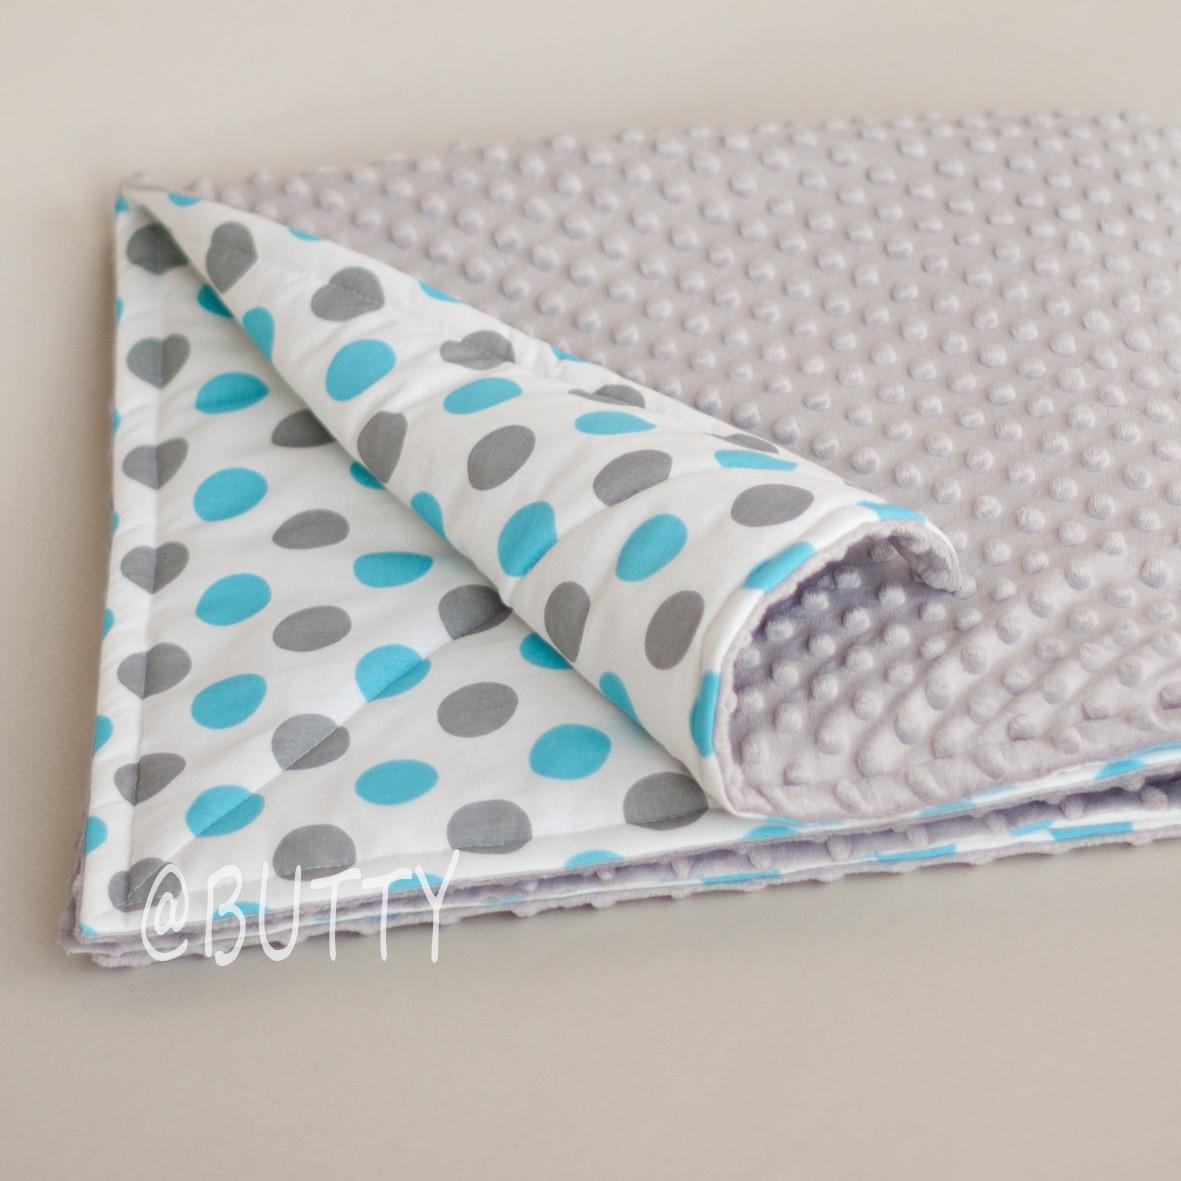 Одеяло, плед для новорожденного, серо-голубые горохи